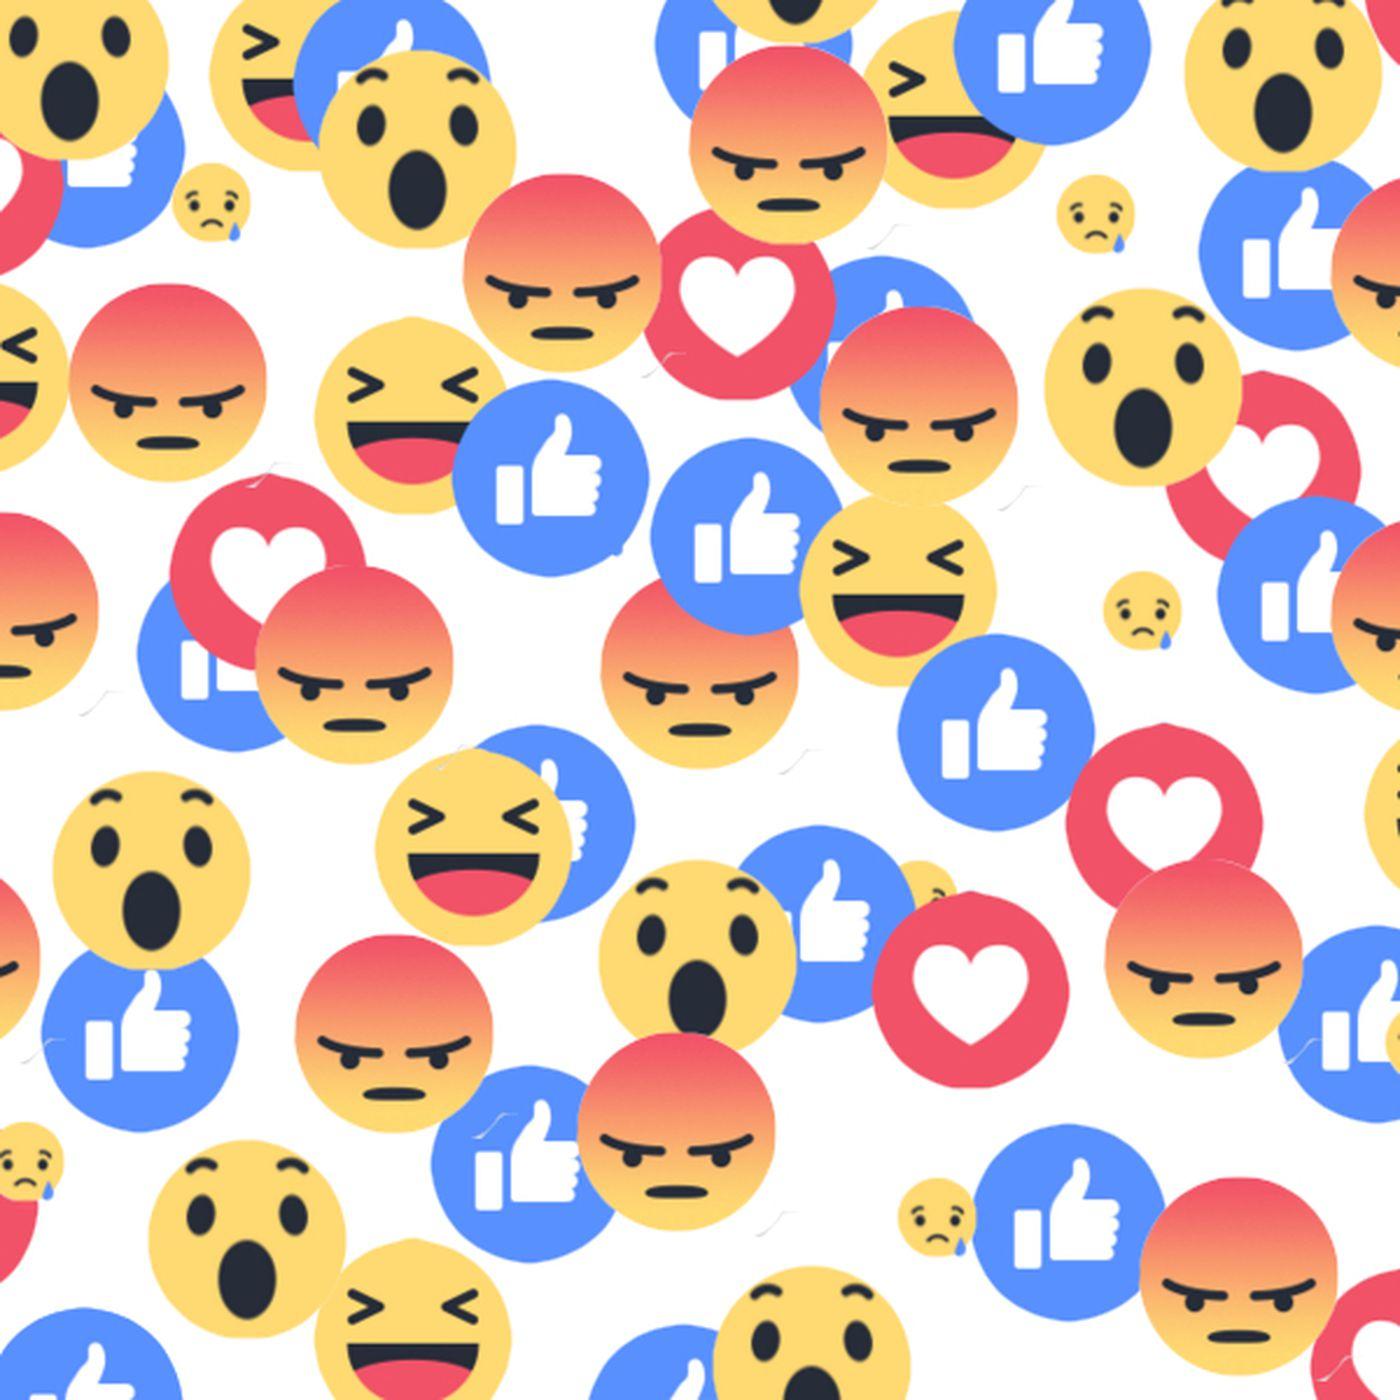 Pandemia de COVID-19 aduce o schimbare utilizatorilor de Facebook. Rețeaua de socializare va adăuga o nouă reacție